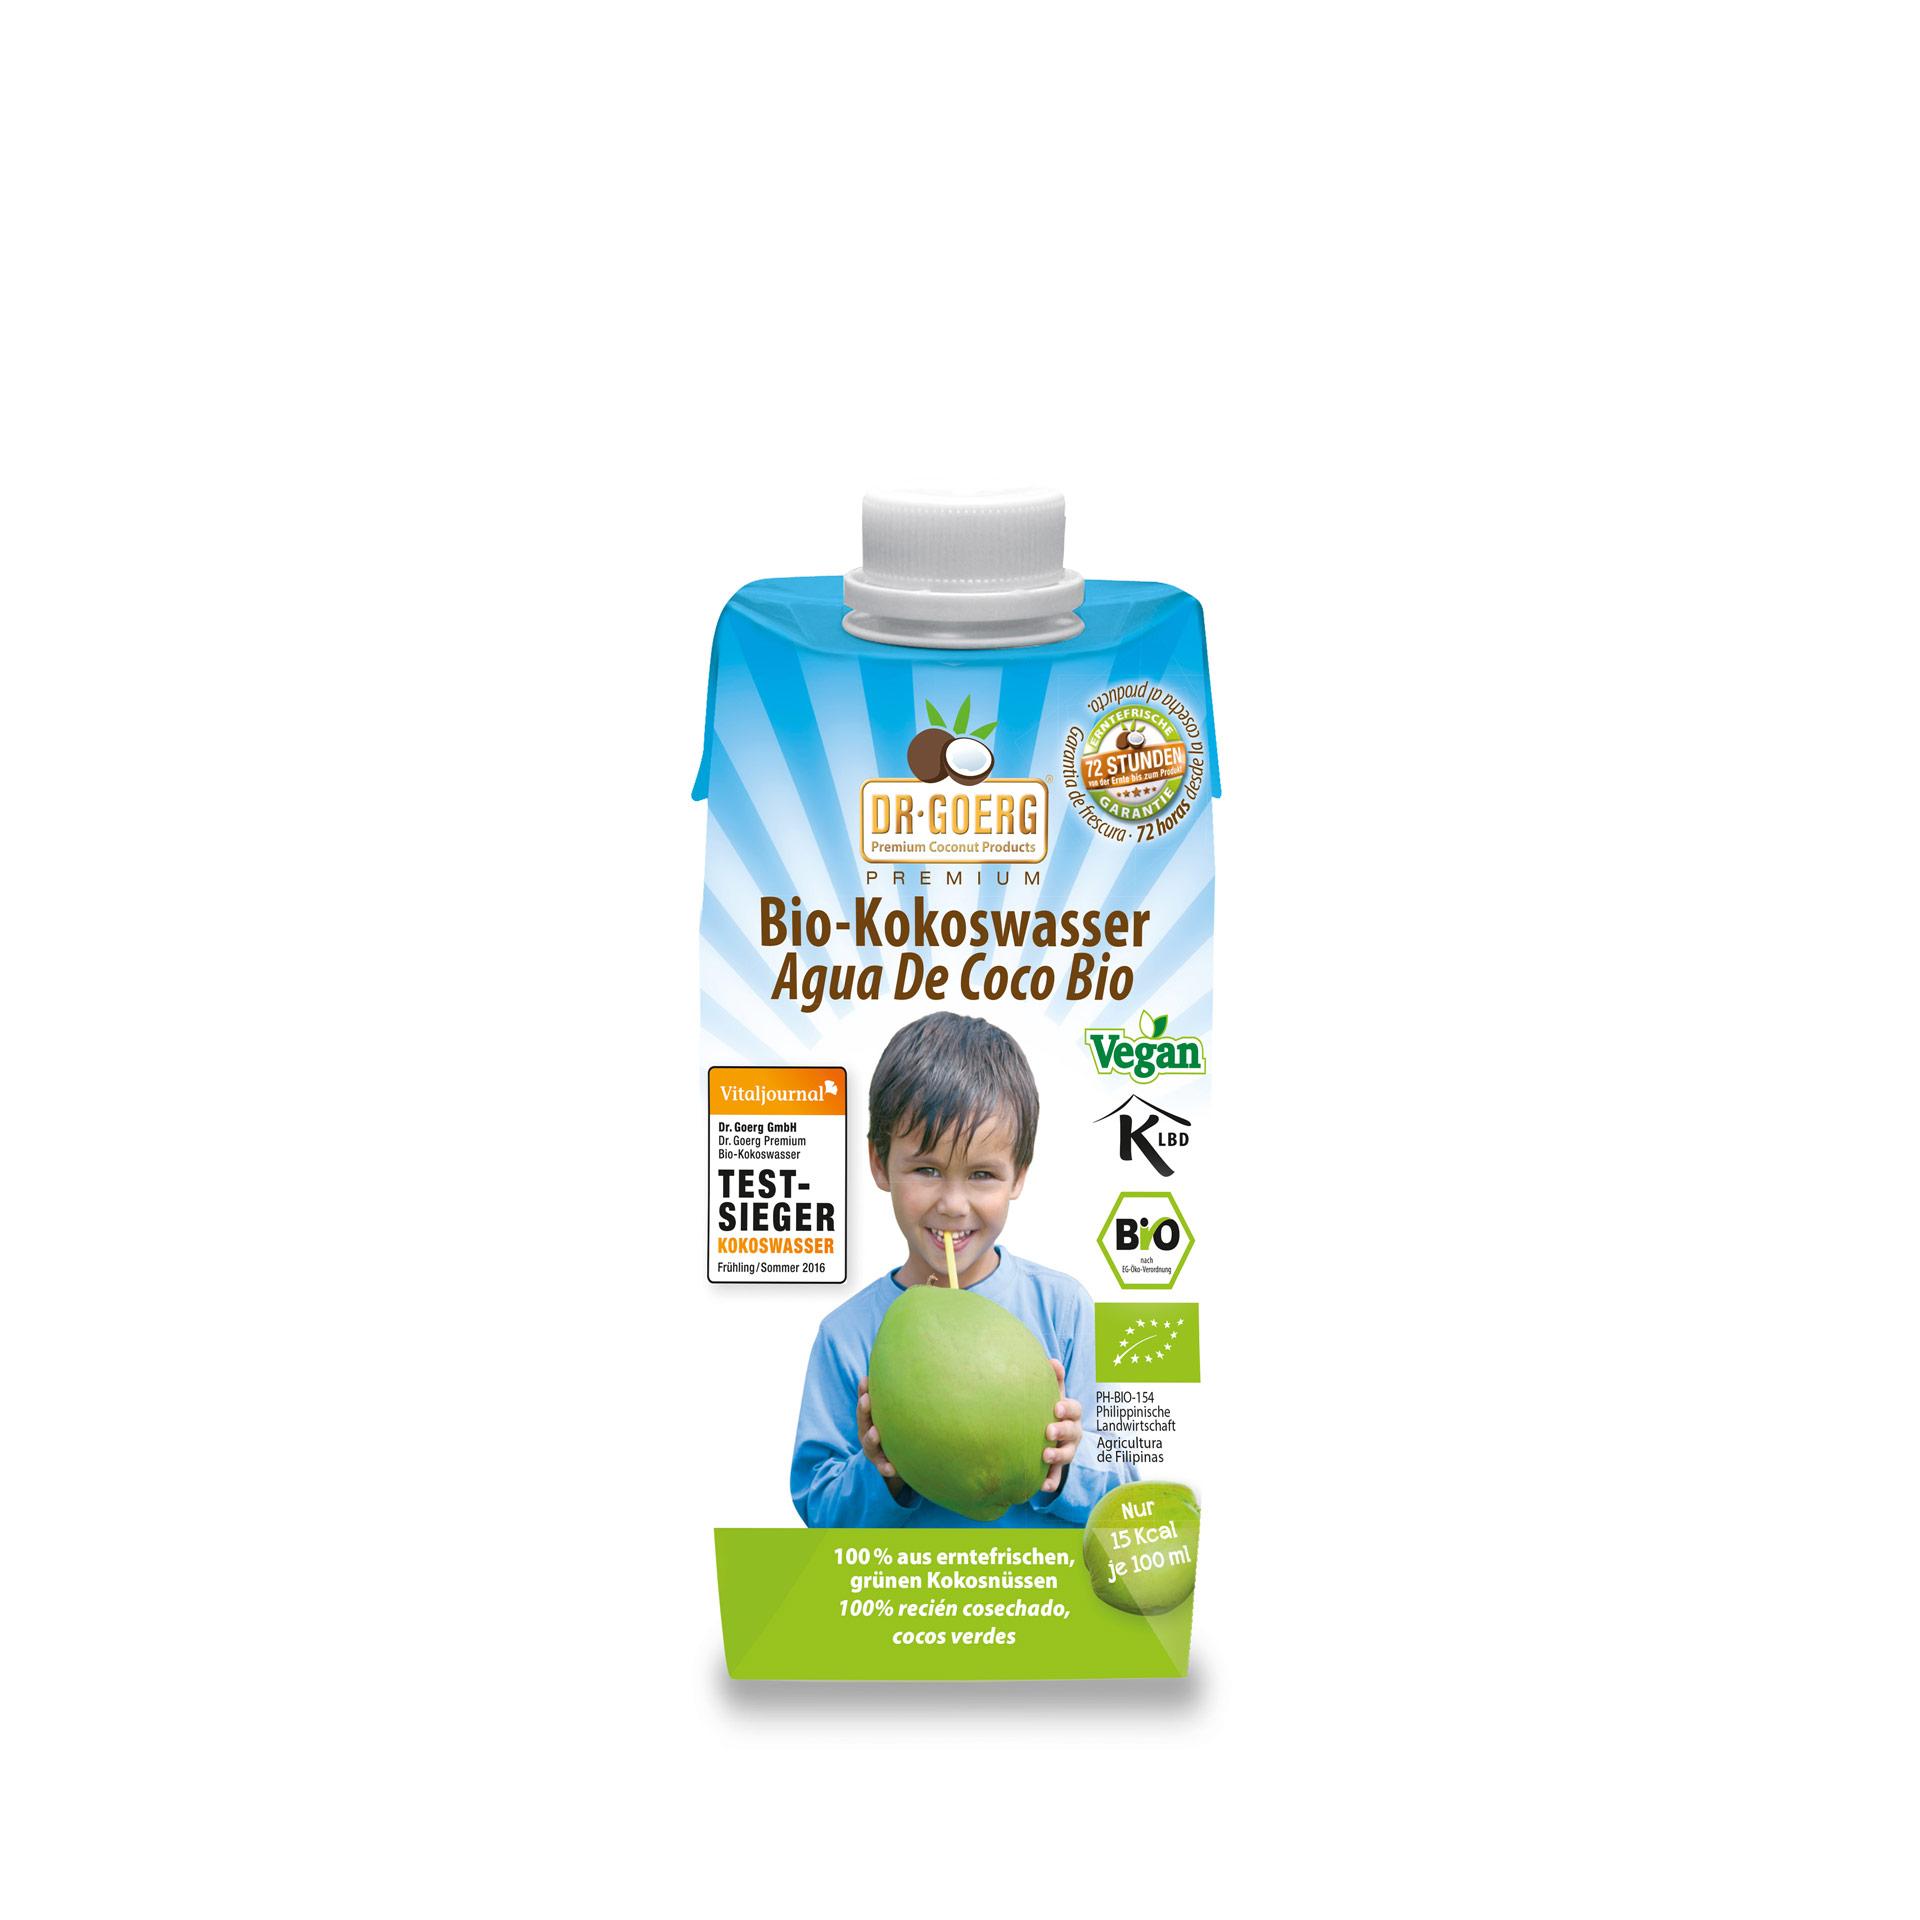 Kokoswasser, bio, 3er Pack, 330 ml